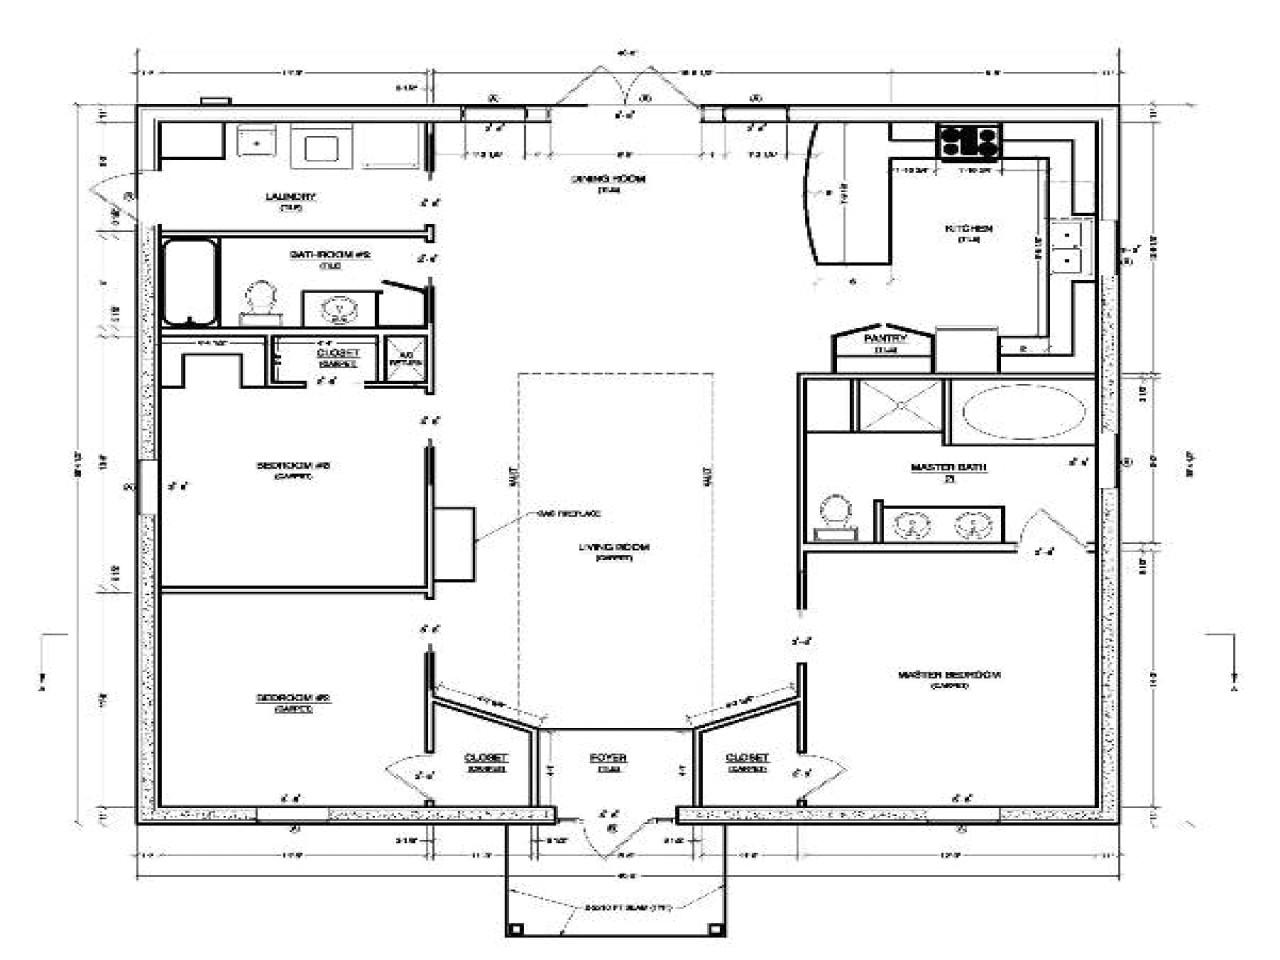 dfc997b01d85f73e best small house plans unique small house plans